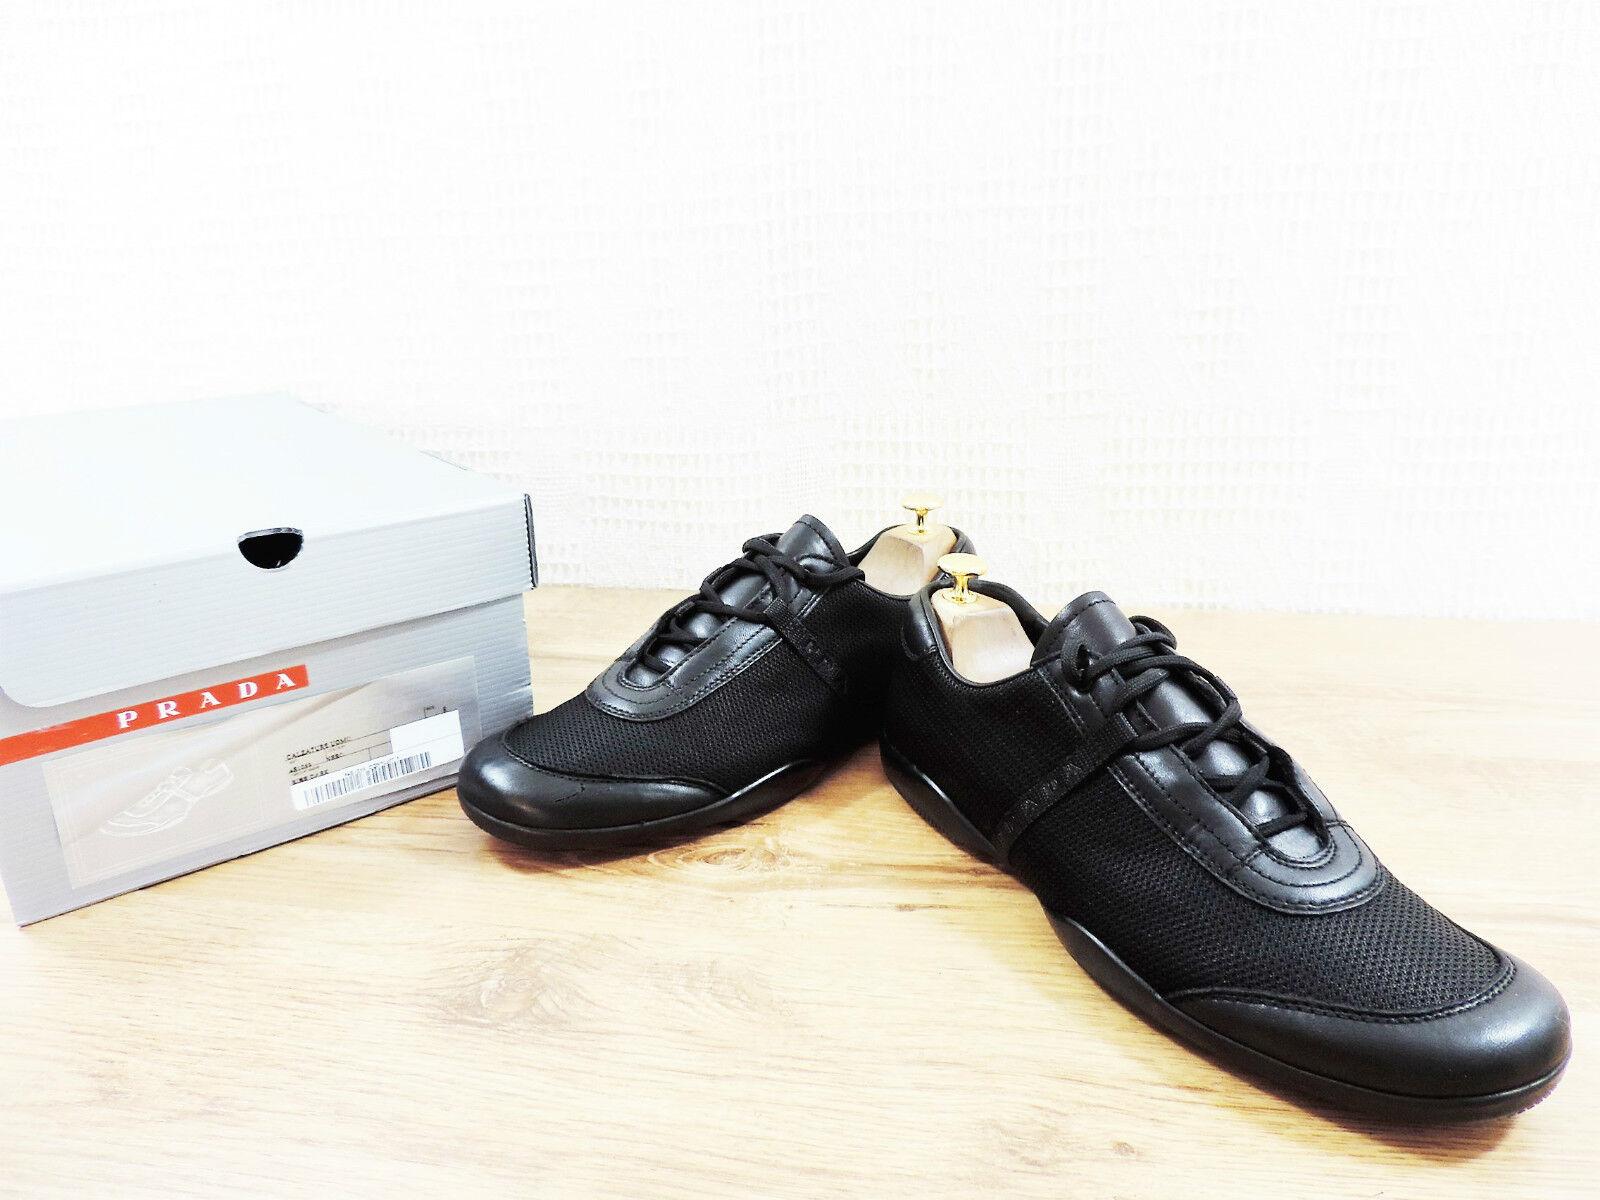 Prada Schwarz Handschuhweiches Eur 8.5 Leder Turnschuhe Sneakers Us 9.5 Eu 42.5